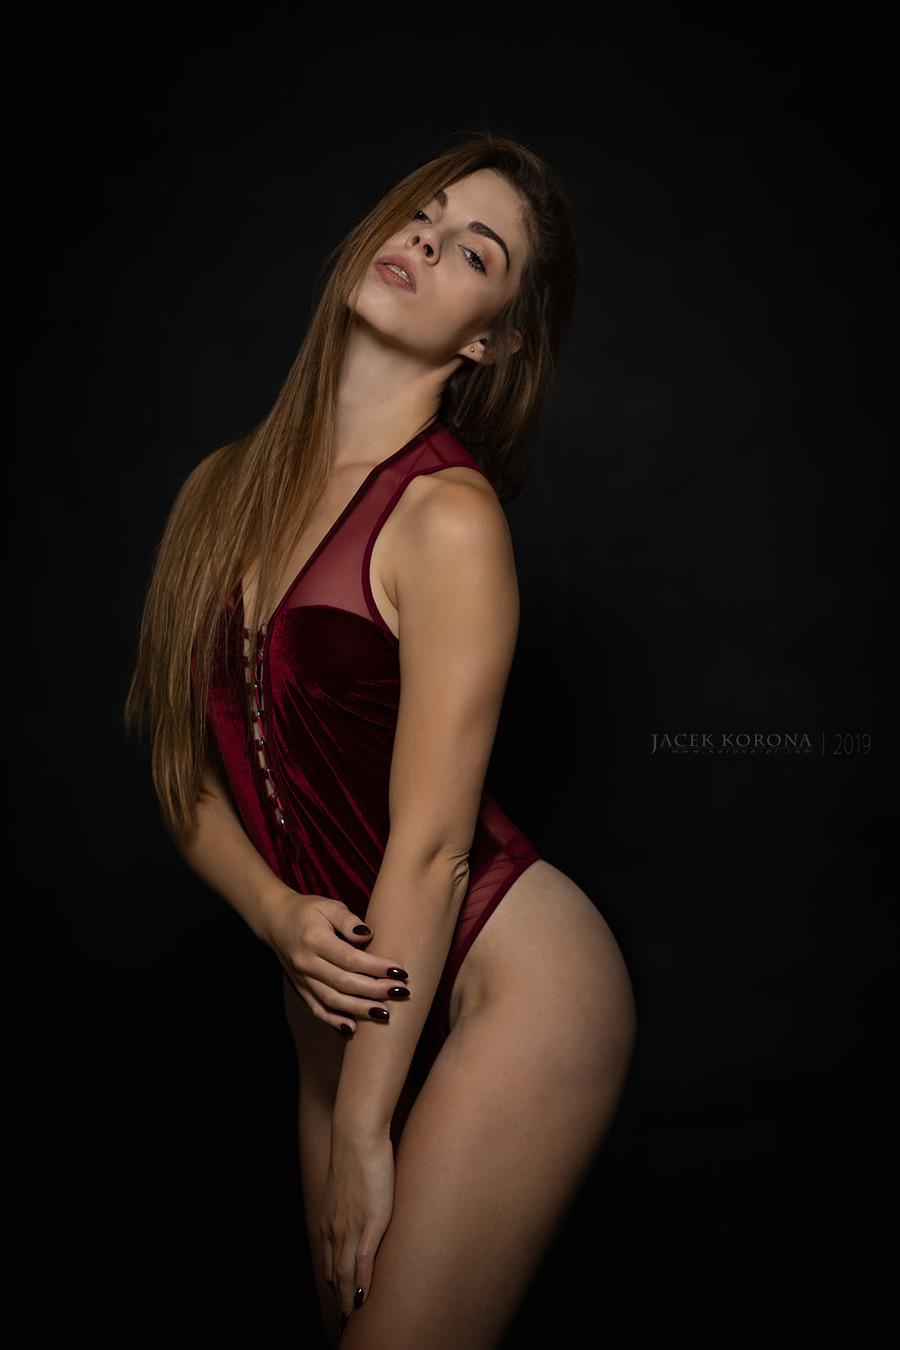 Aleksandra / Photography by Jacek Korona / Uploaded 21st October 2019 @ 01:51 PM